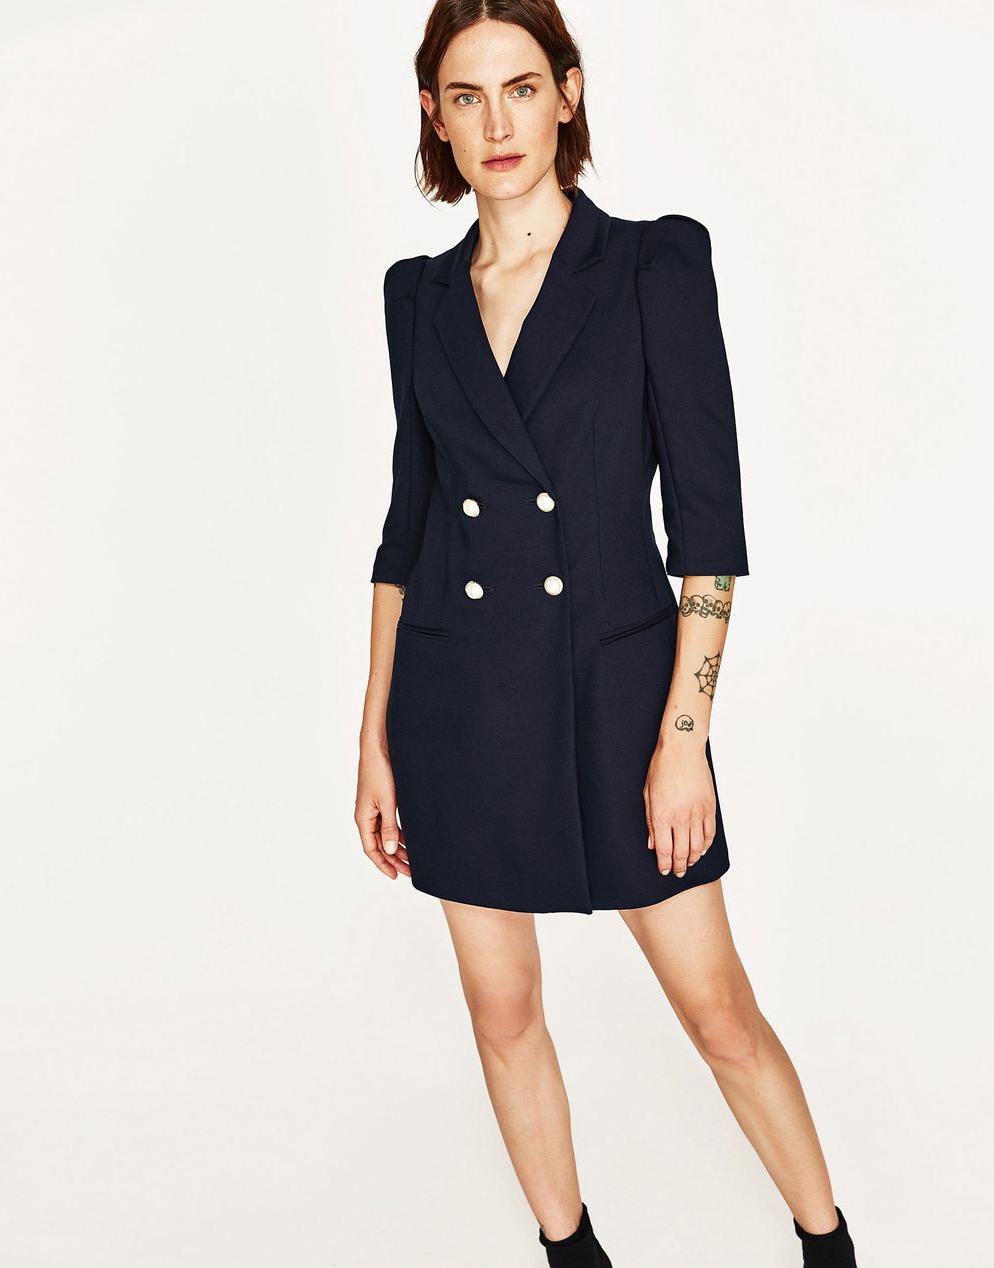 Купить Платье Пиджак В Интернет Магазине Москва